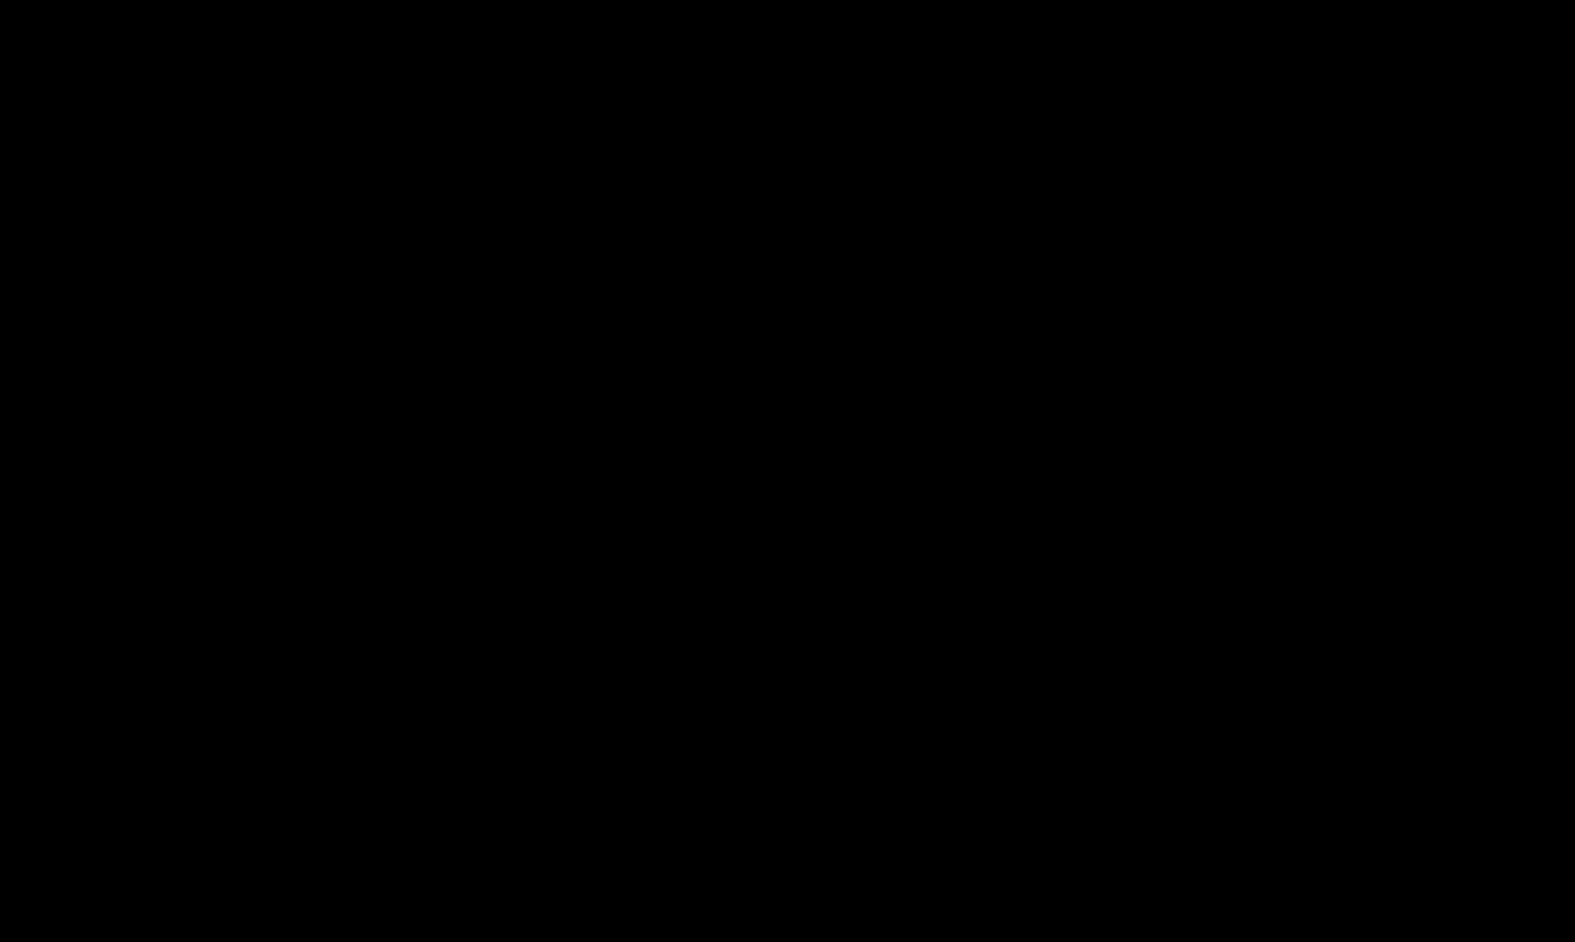 Cirth Wikipedia